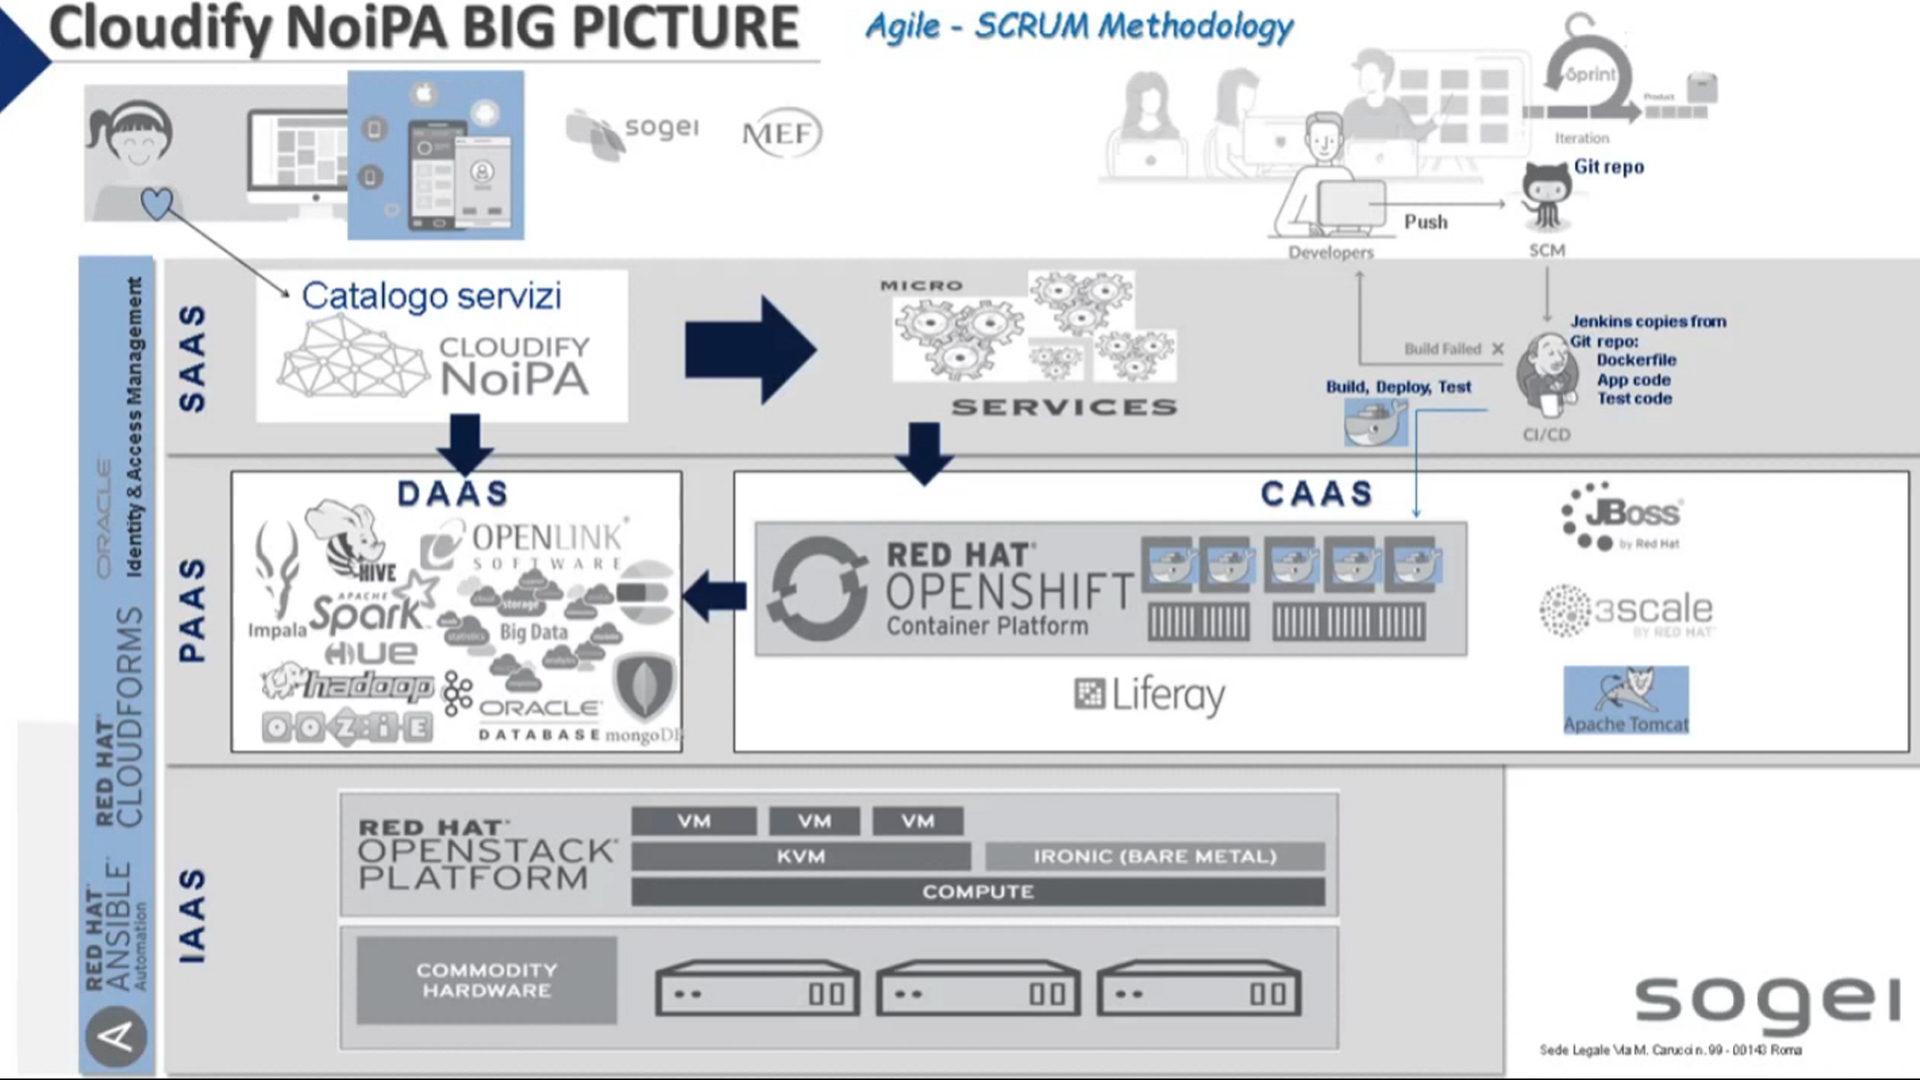 schema che illustra l'Architettura di Cloudufy NoiPA